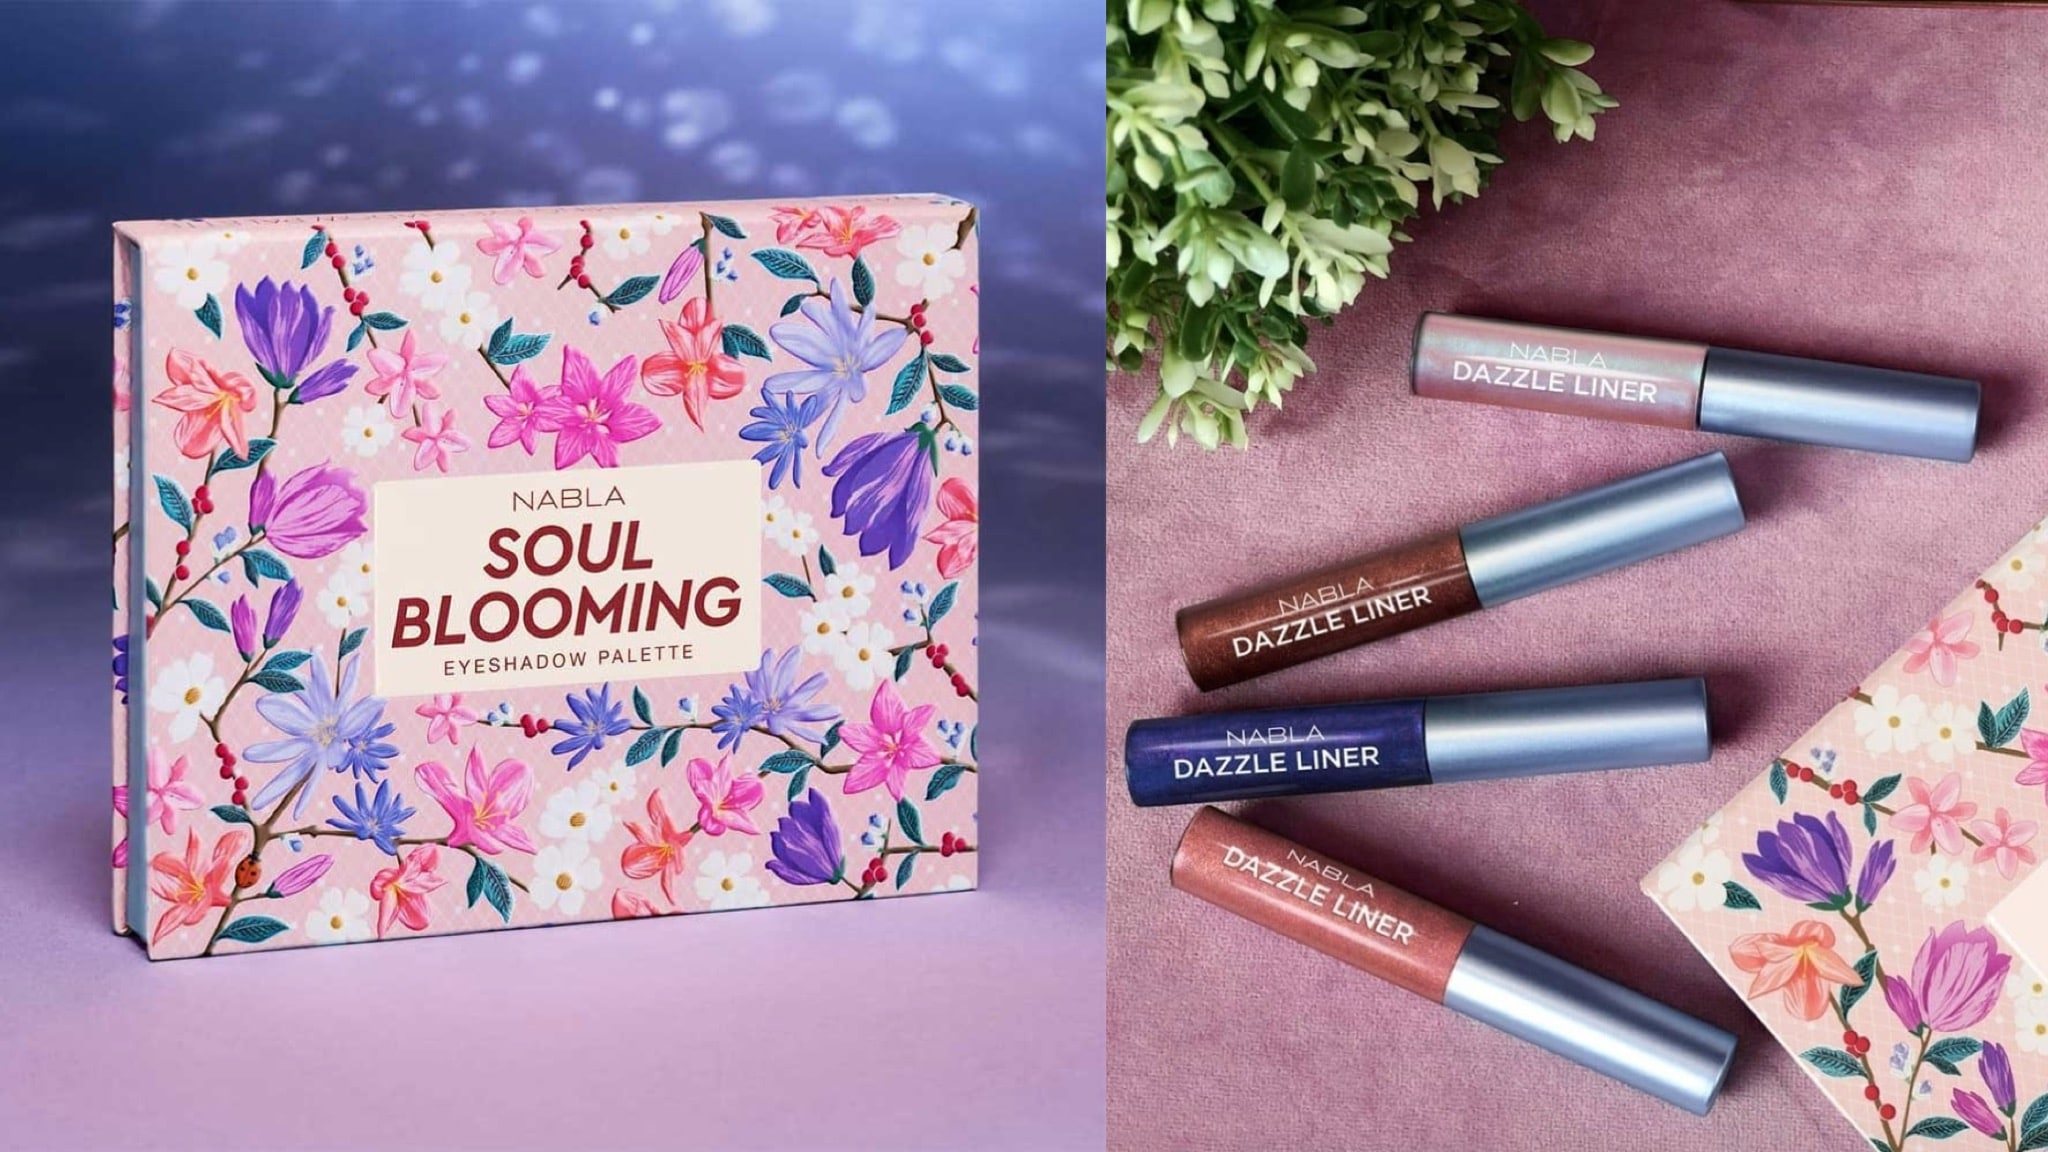 Soul Blooming, la nuova collezione primavera 2018 firmata NABLA Cosmetics: anteprima, foto, swatch, prezzo, dove acquistare, data di uscita, info